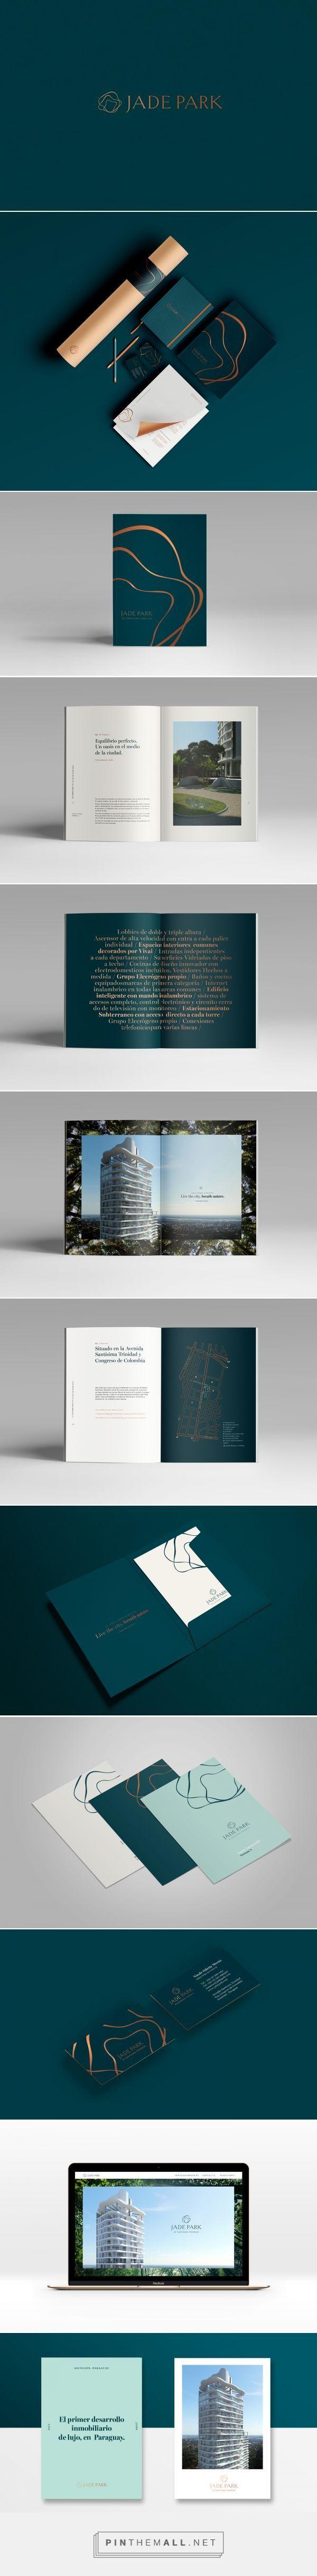 Jade Park Branding on Behance   Fivestar Branding – Design and Branding Agency & Inspiration Gallery